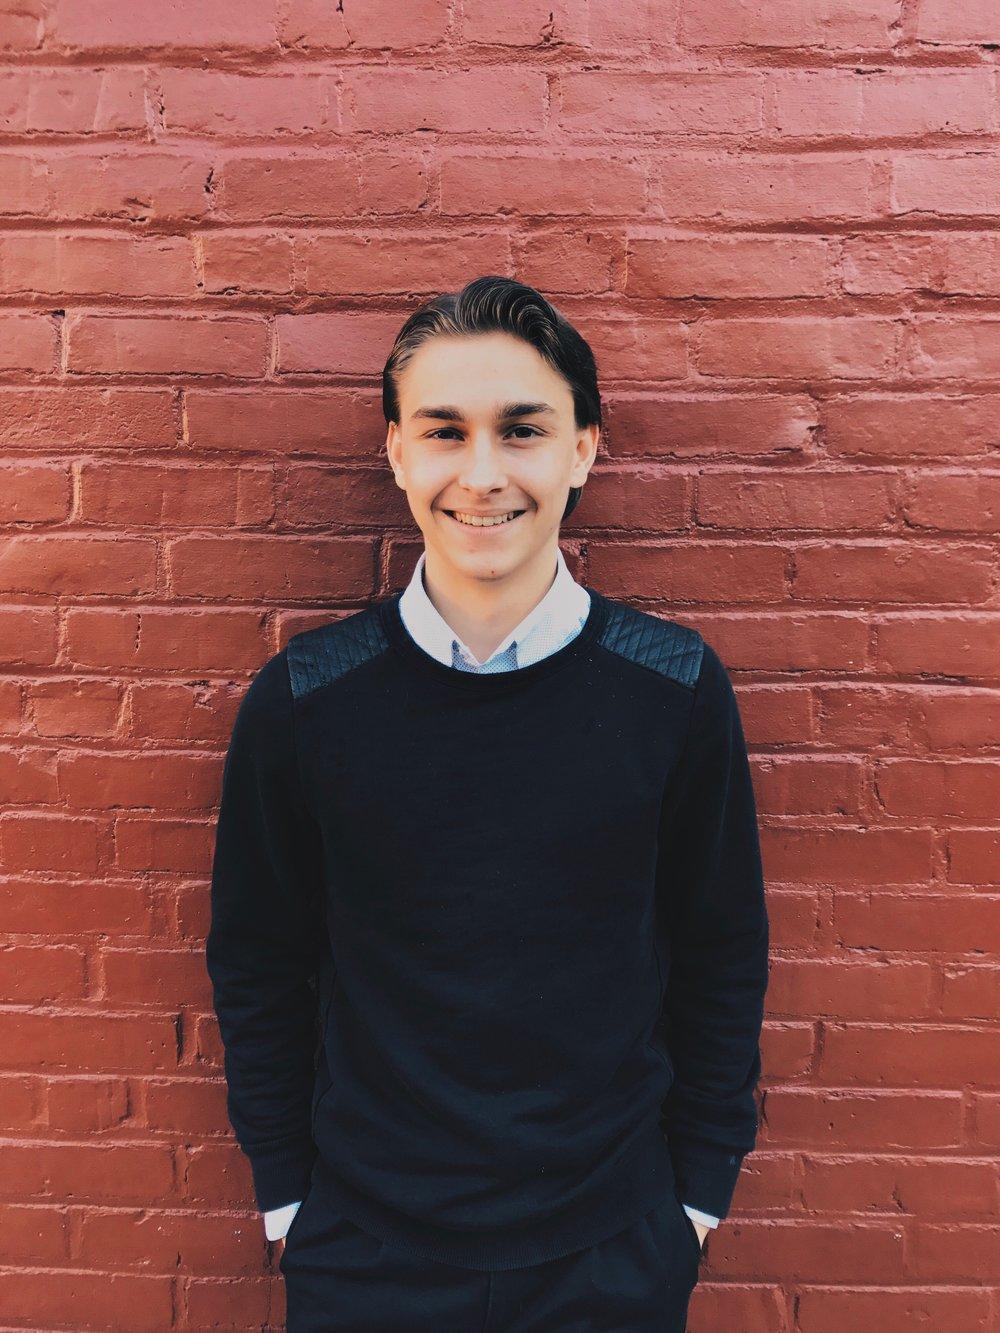 Foster Gaylor Business Development Specialist LinkedIn